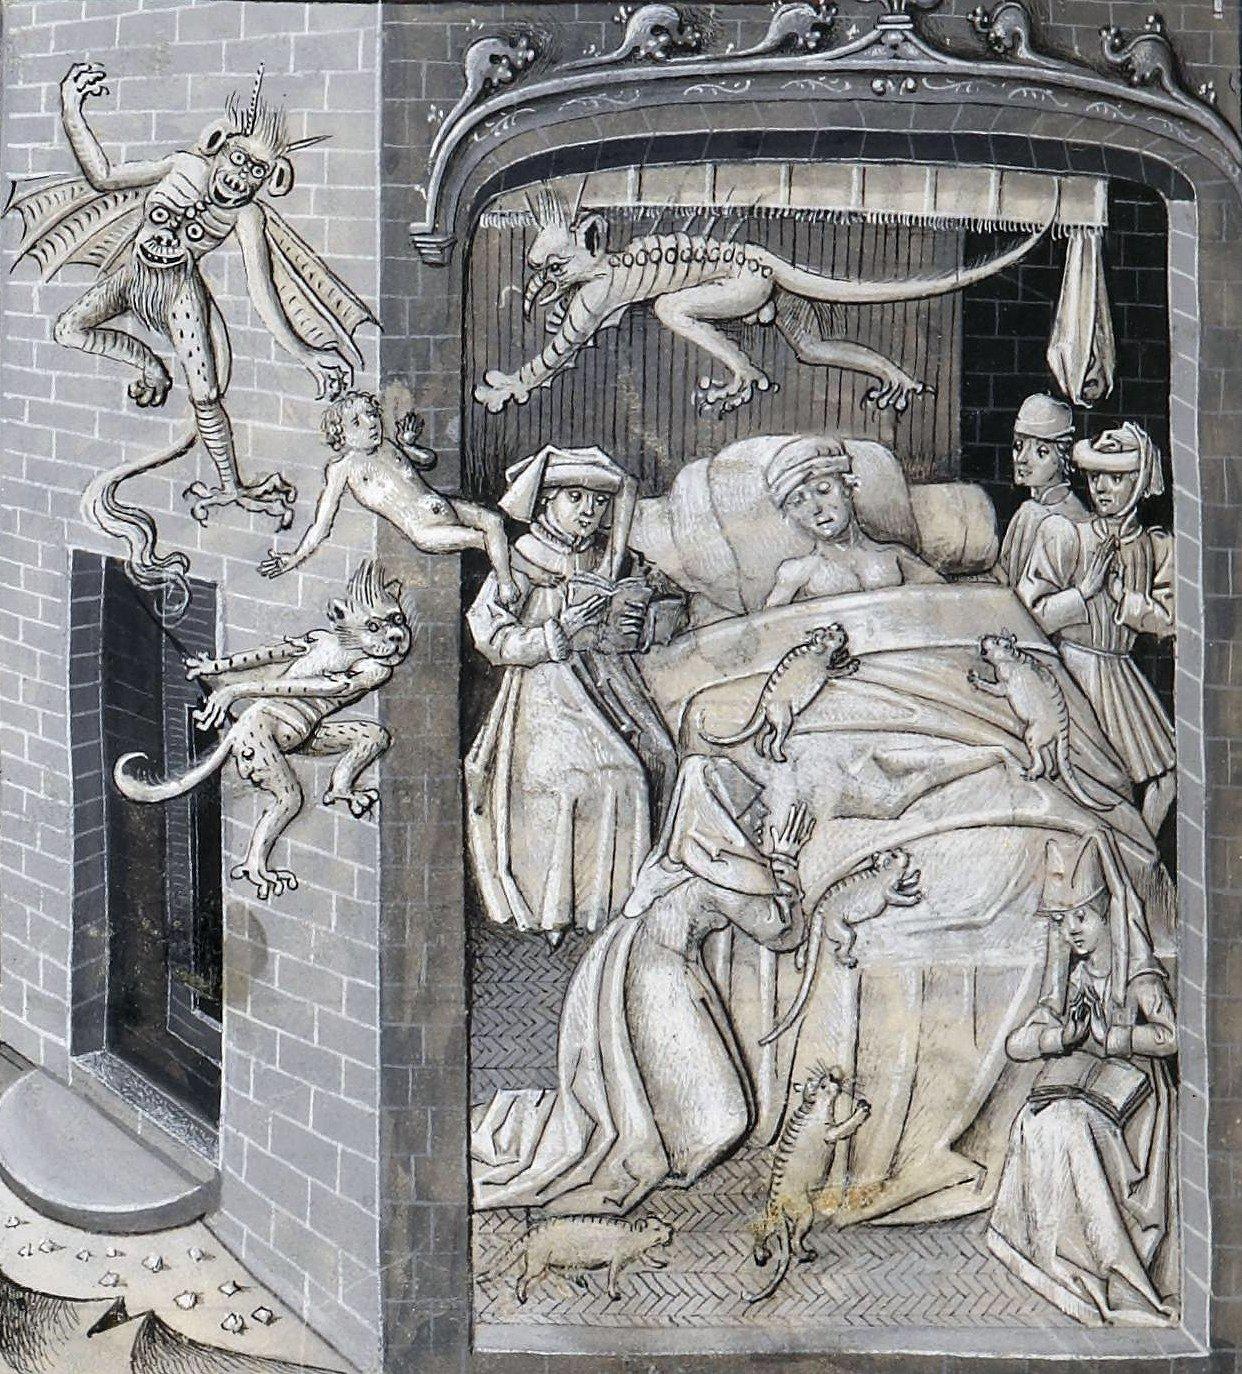 Demonic cats on the deathbed, Jean Miélot, La Vie et Miracles de Nostre Dame, Oudenaarde 1456 (BnF, Français 9198, fol. 110v) https://t.co/QbJ76XNwjl